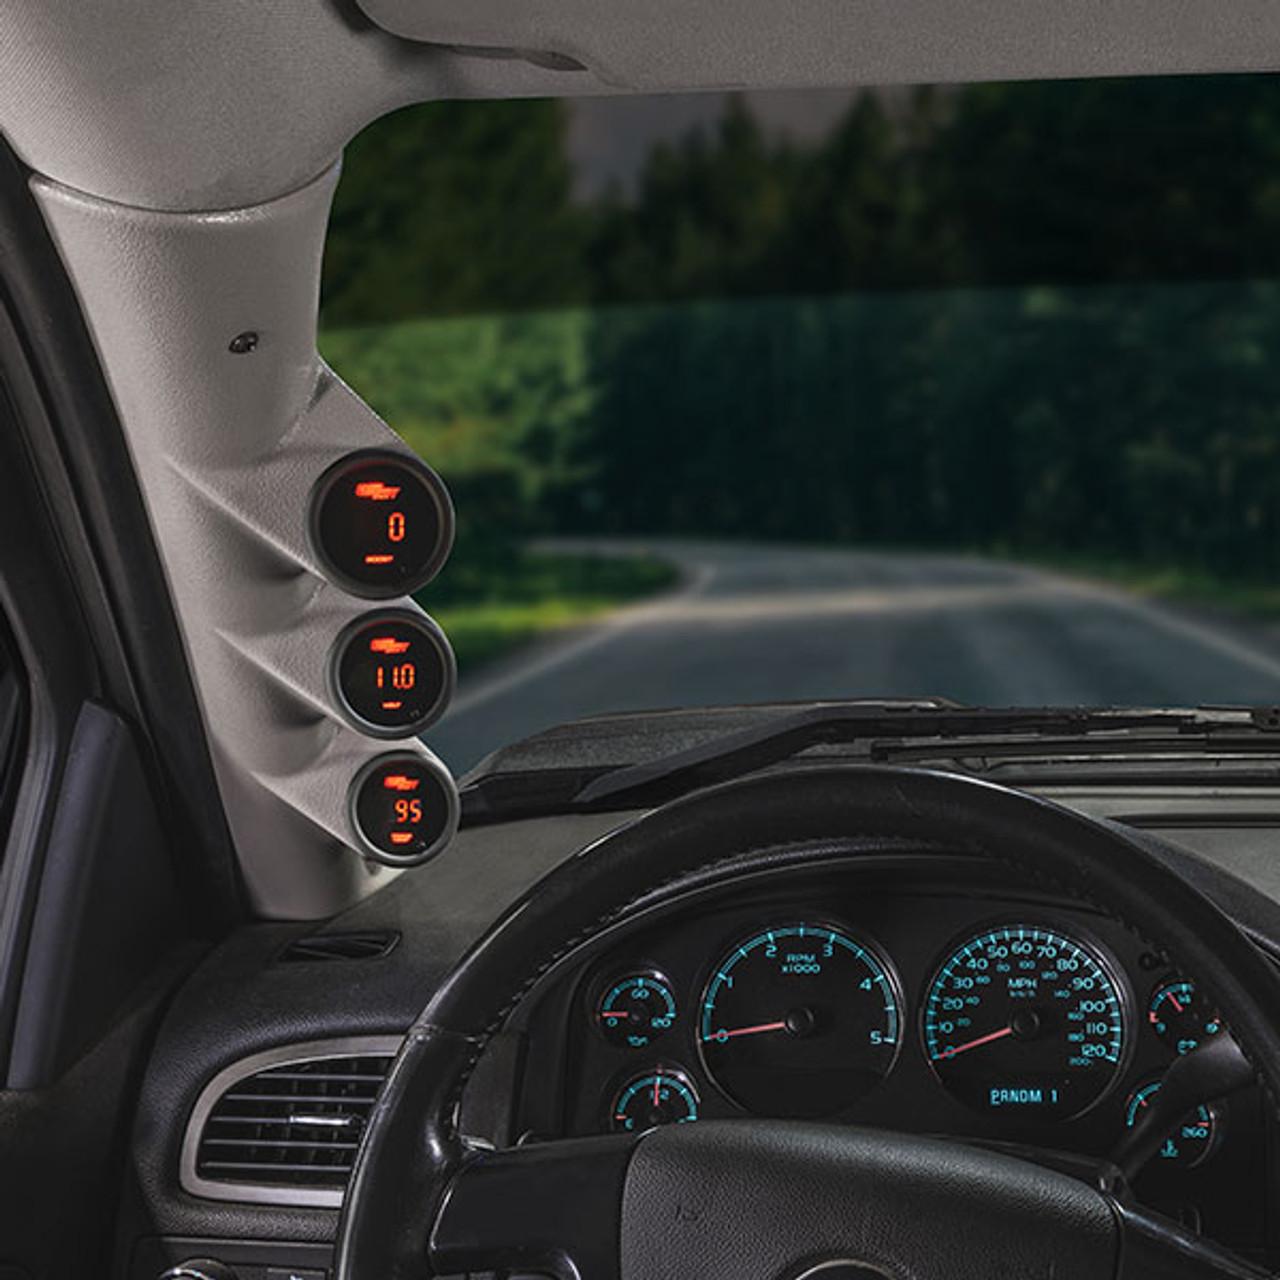 Includes O-Ring GlowShift Transmission Test Port Sensor Thread Adapter for 2000-2013 Chevy Silverado /& GMC Sierra Diesel Trucks GM 6.6L Duramax Allison 1000